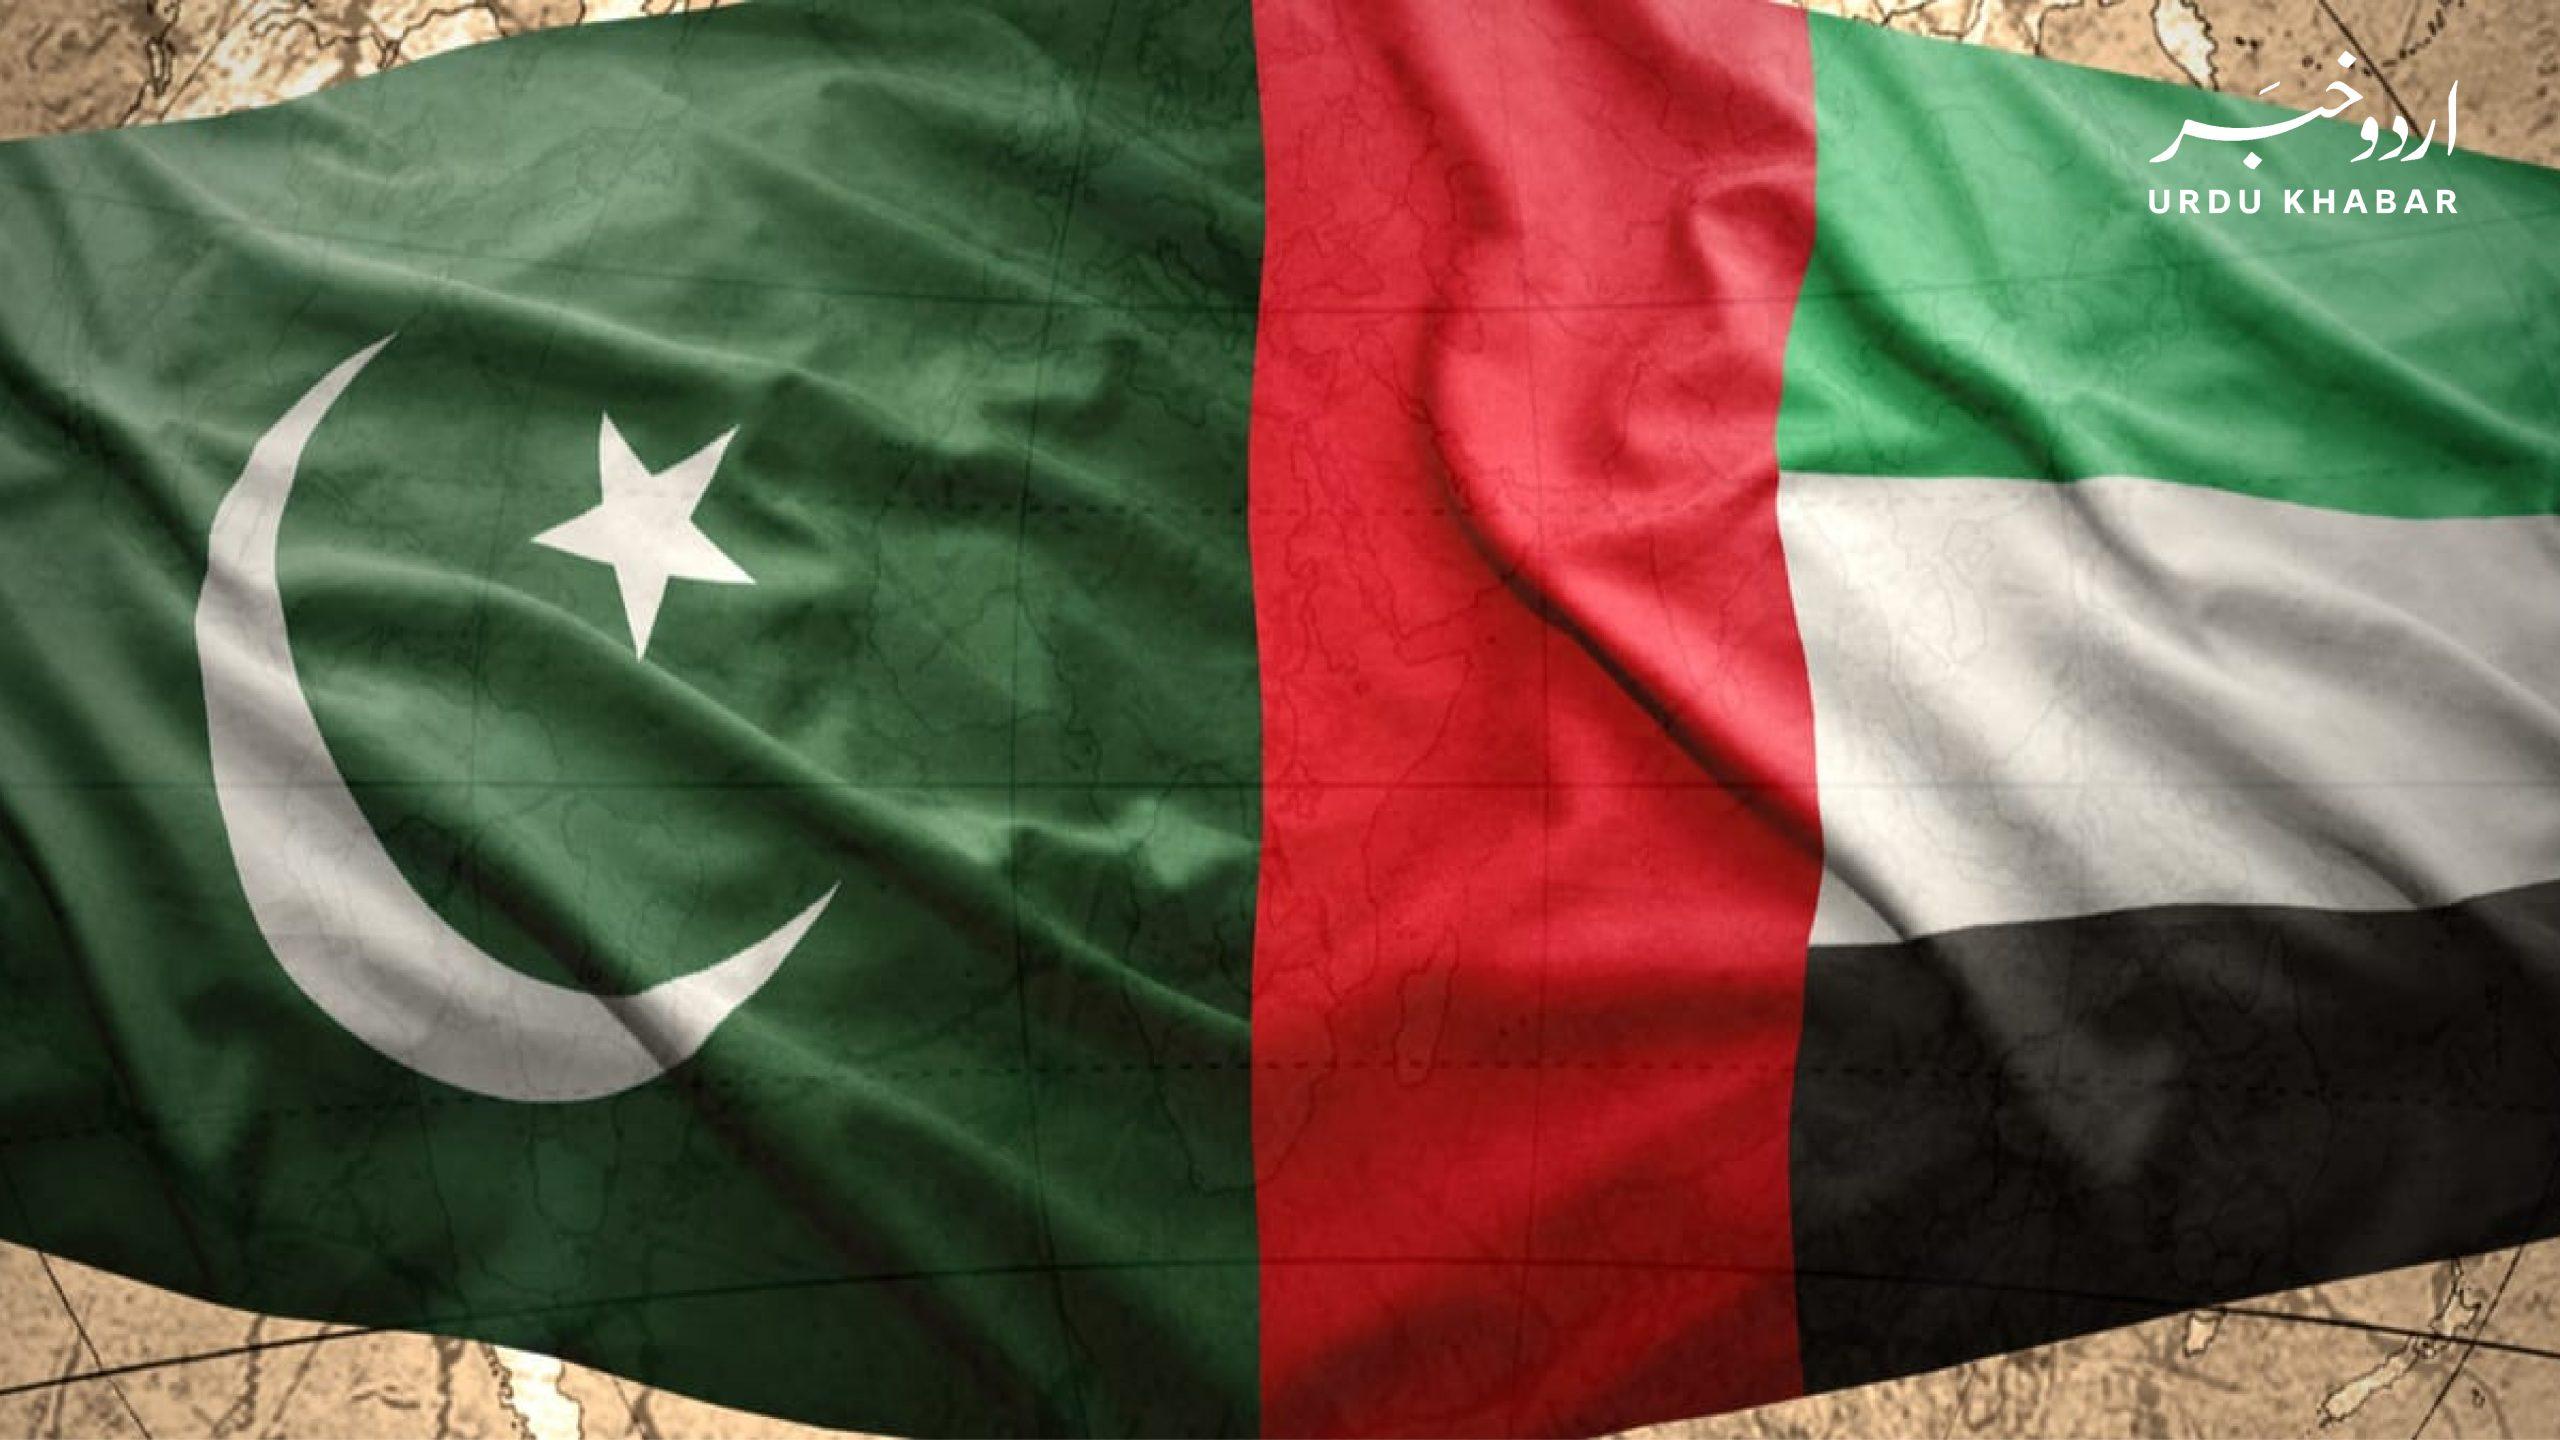 پاکستان اور امارات نے وزٹ ویزا کا مسئلہ حل کر لیا، طاہر اشرفی